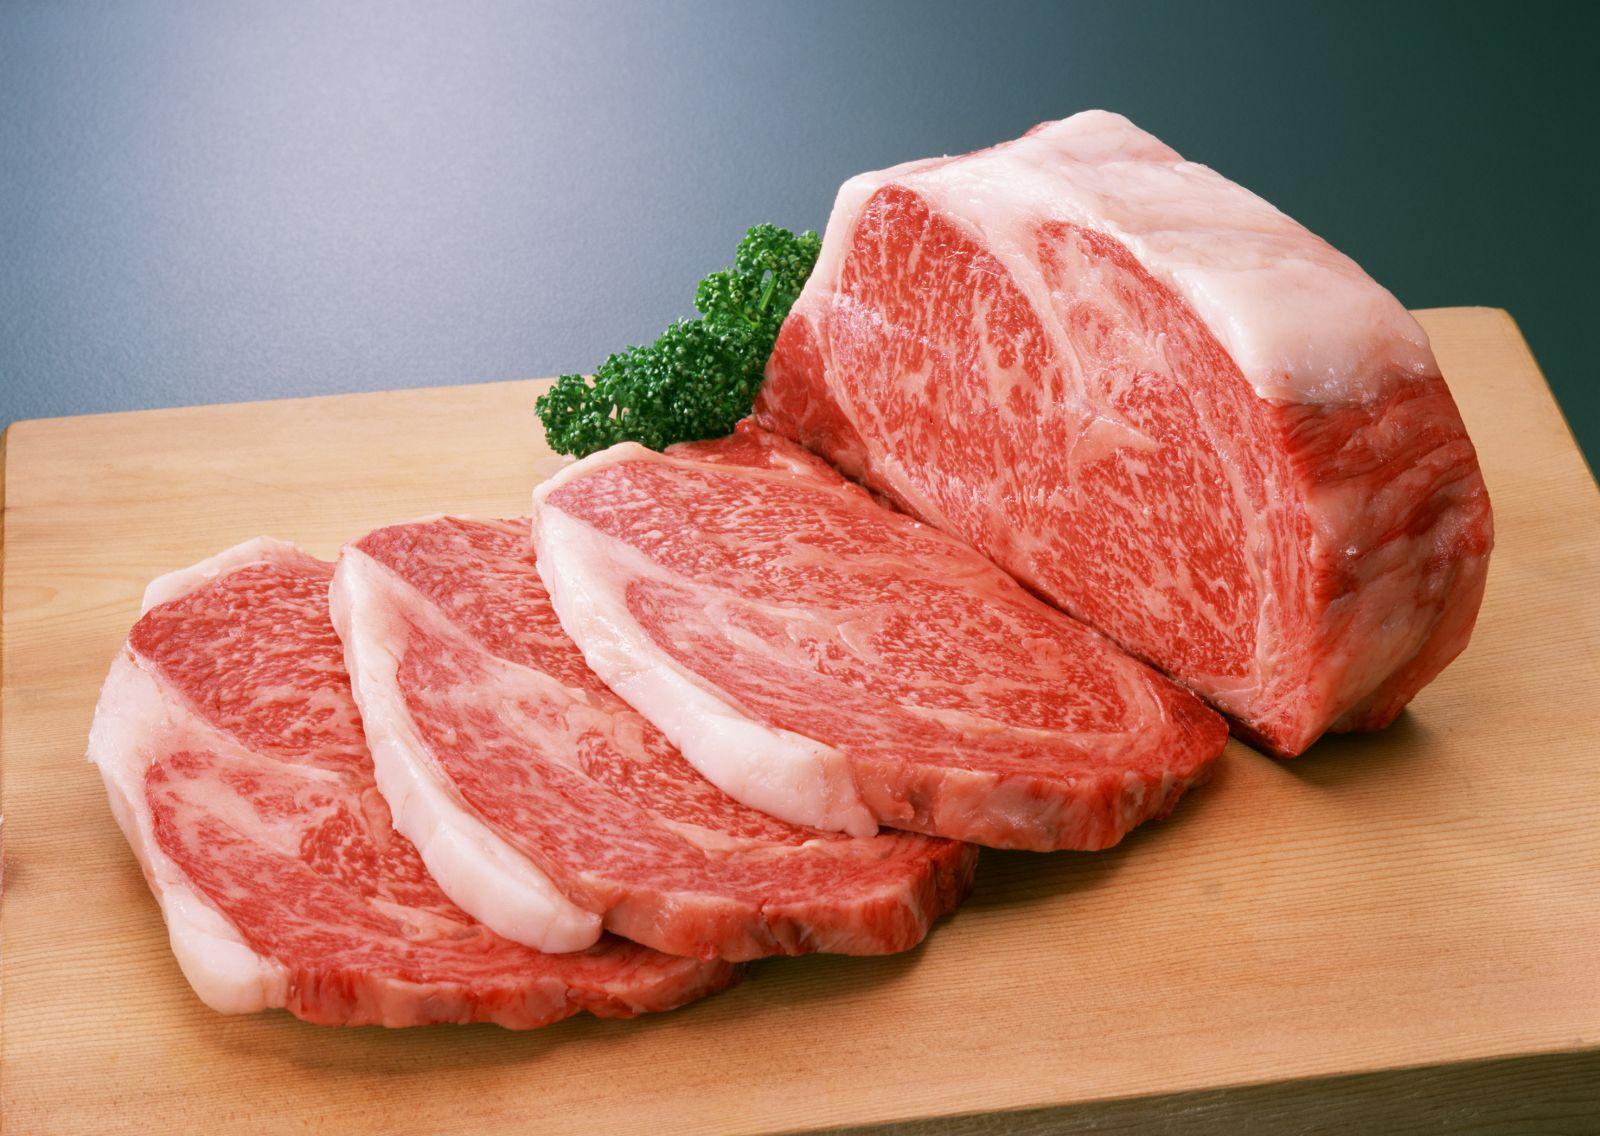 男の人大好き!がっつり牛肉ボリューム満点の人気レシピ紹介のサムネイル画像